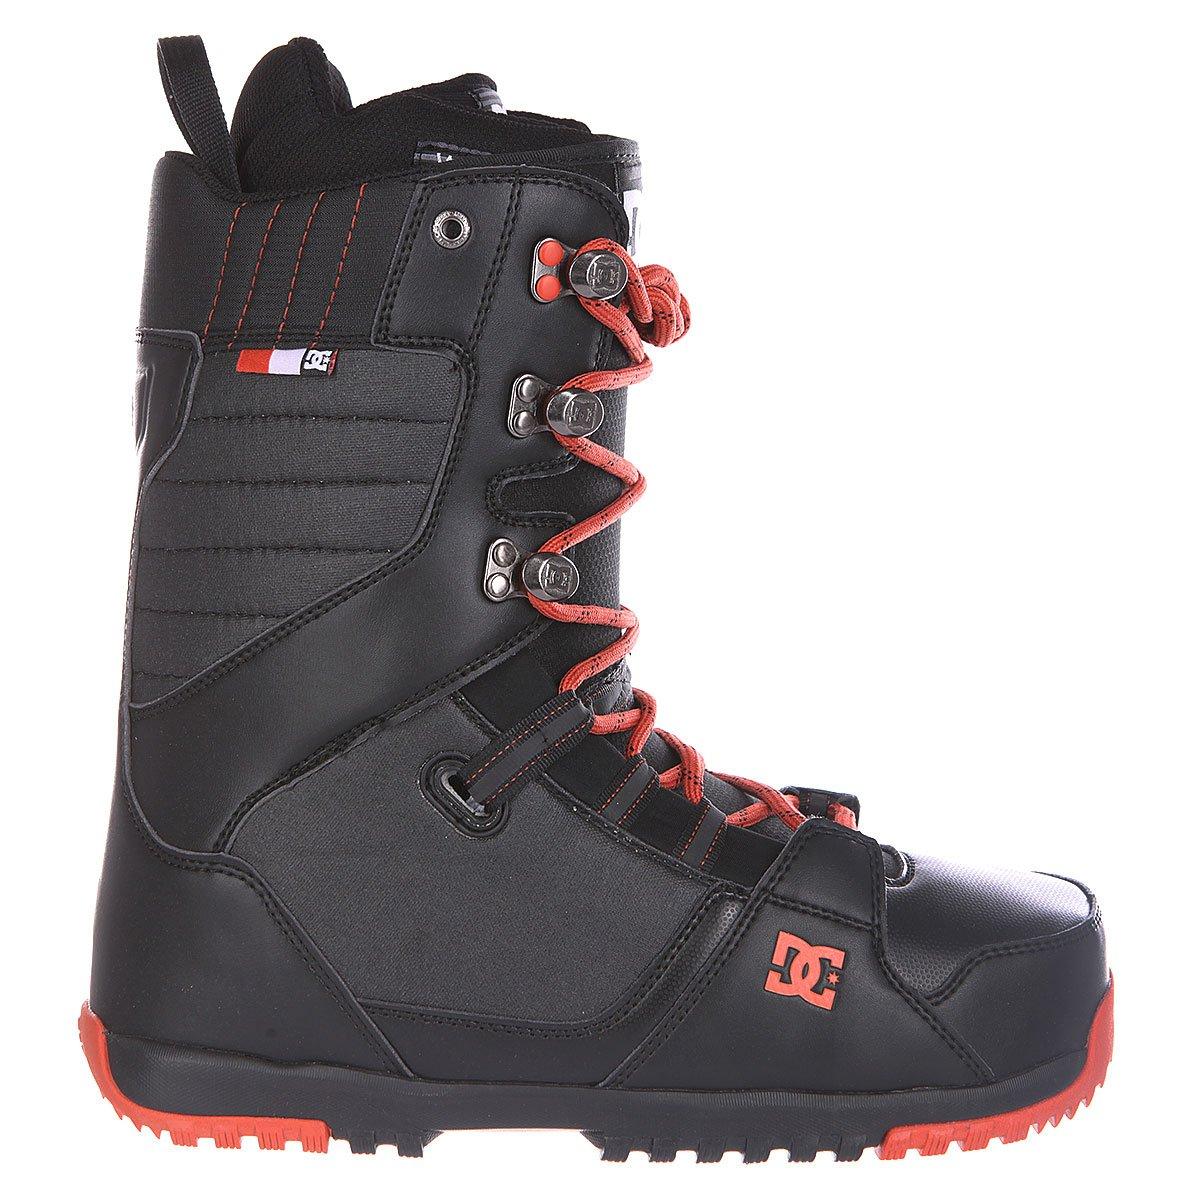 Купить ботинки для сноуборда DC Mutiny Black (ADYO200020-BL0) в ... 87e3cf05a9b